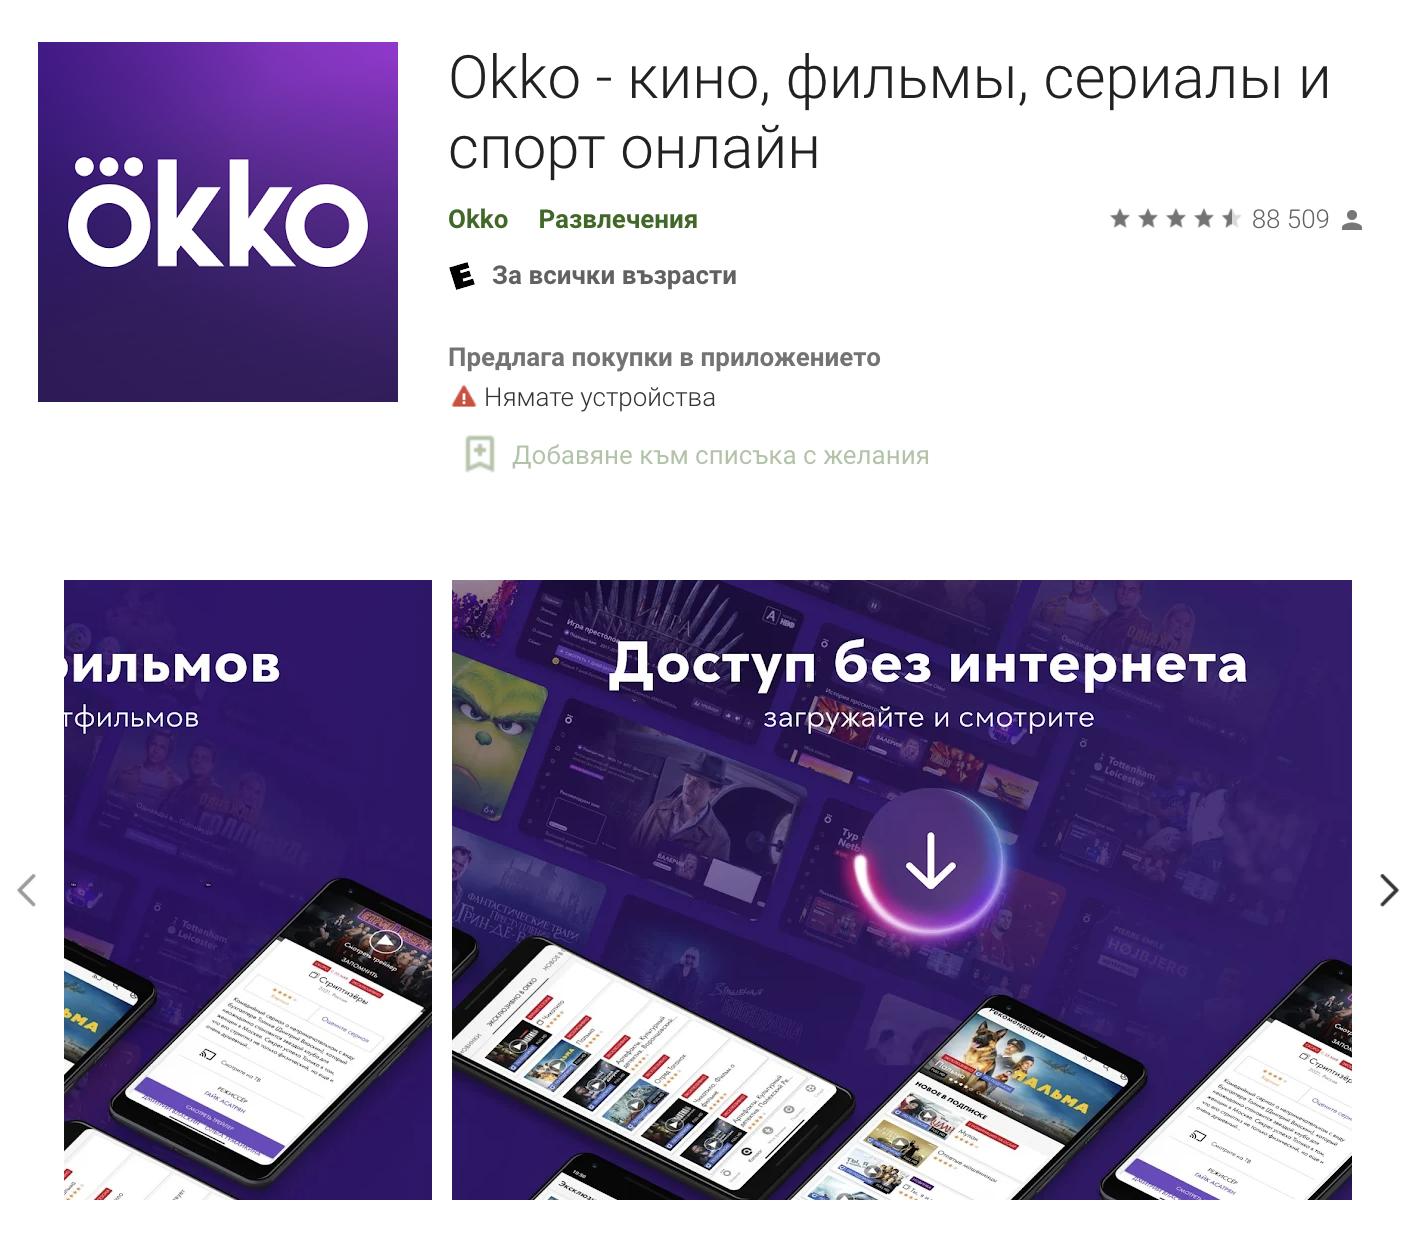 Как скачать приложение ОККО на Samsung